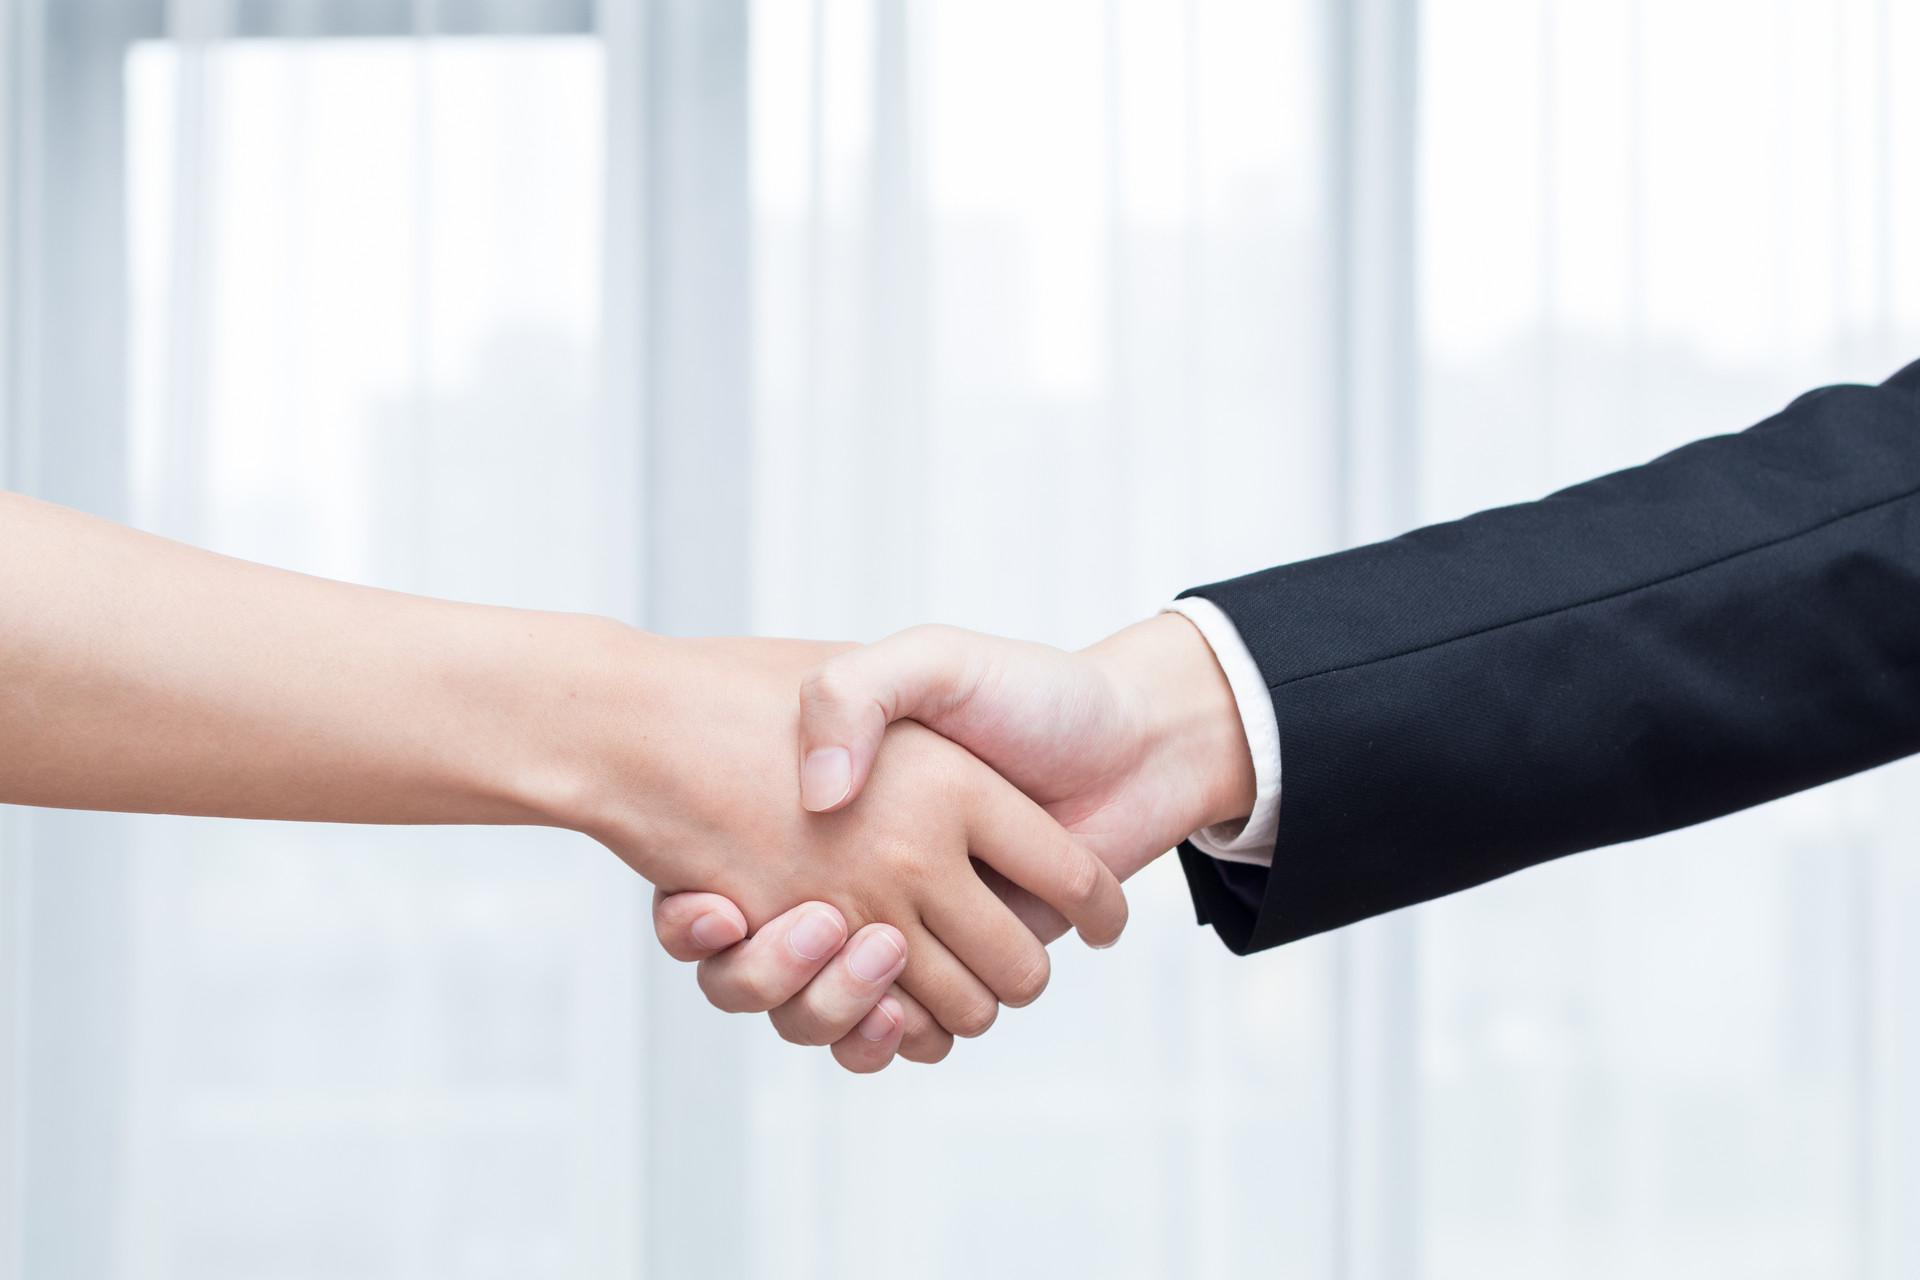 壹人事关于企业员工社保代理的常见问题解答?